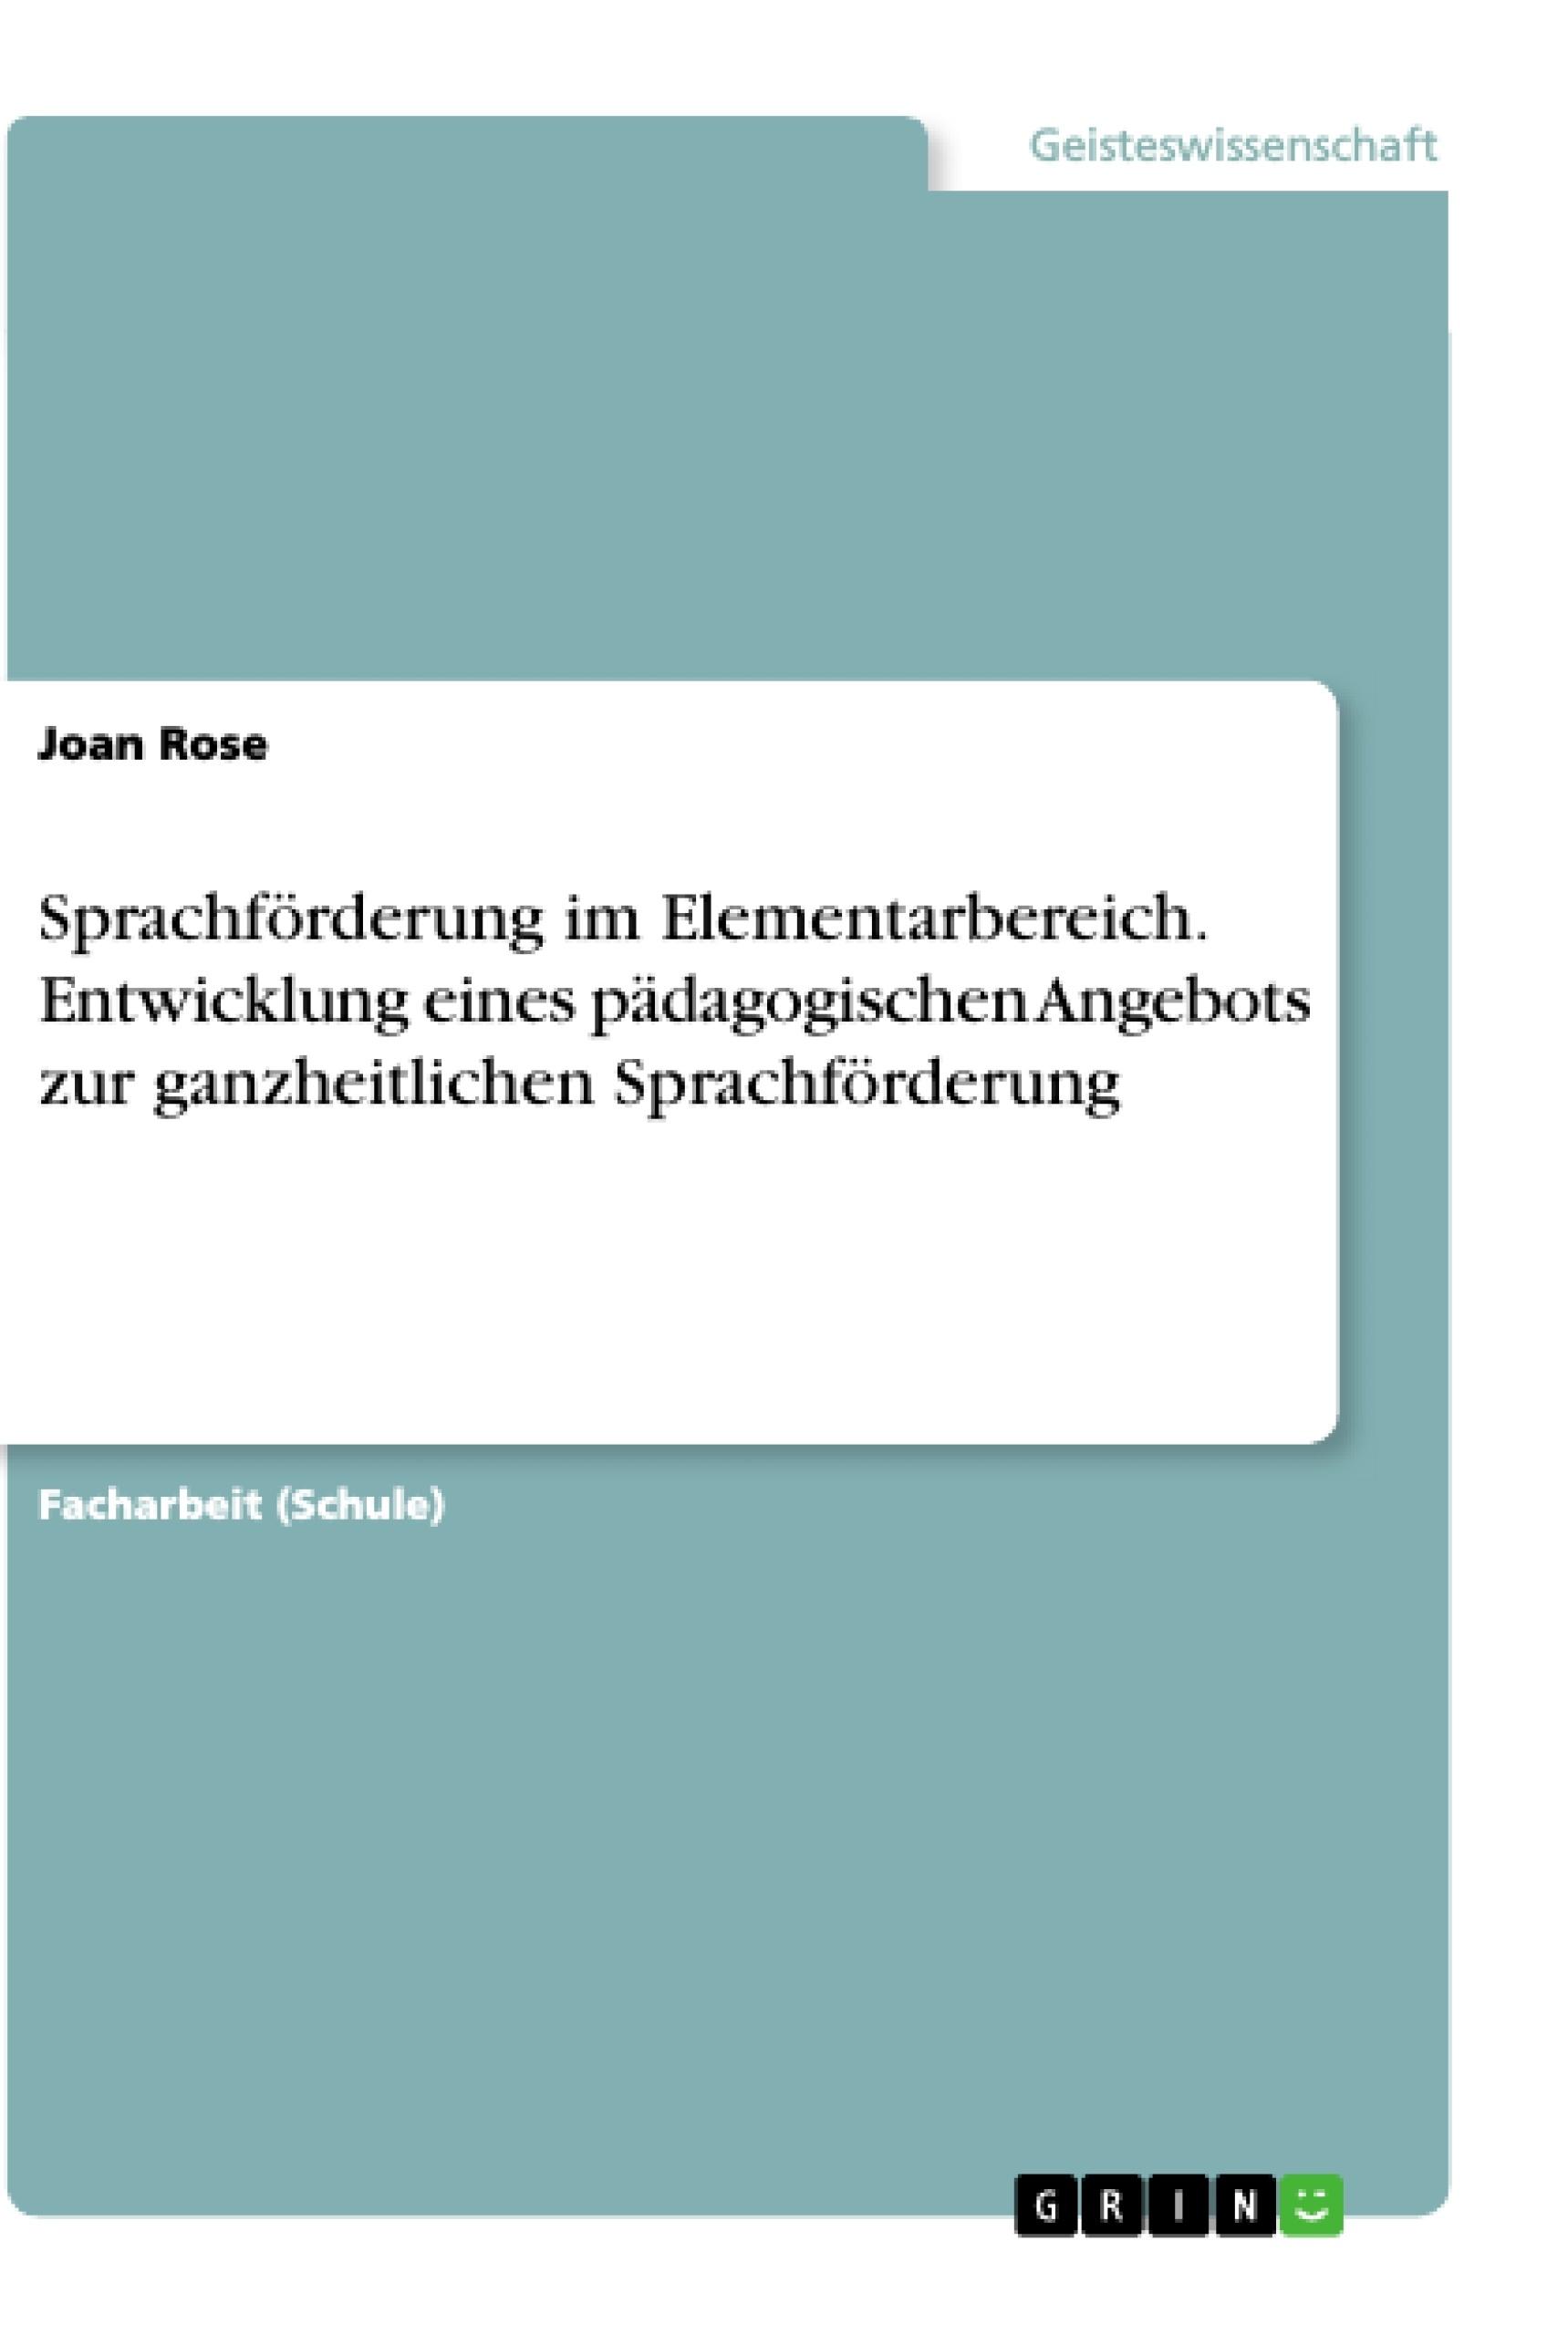 Titel: Sprachförderung im Elementarbereich. Entwicklung eines pädagogischen Angebots zur ganzheitlichen Sprachförderung